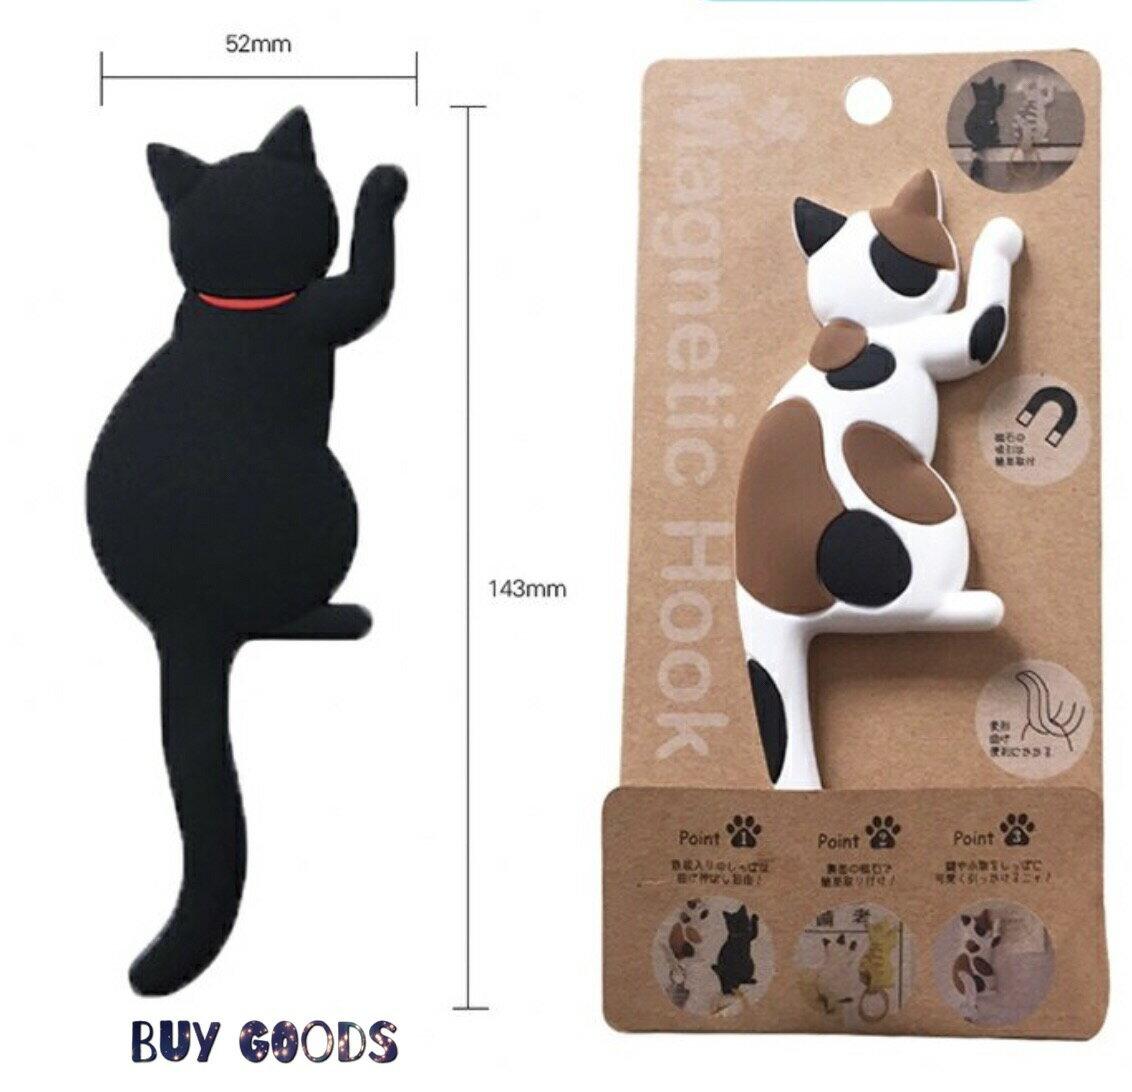 買好物 Buy Goods 磁鐵 冰箱掛鉤 冰箱貼 磁鐵掛鉤 日本熱賣超可愛貓咪背影磁鐵 冰箱貼 磁鐵掛勾 🎉熱賣🎉 🐈